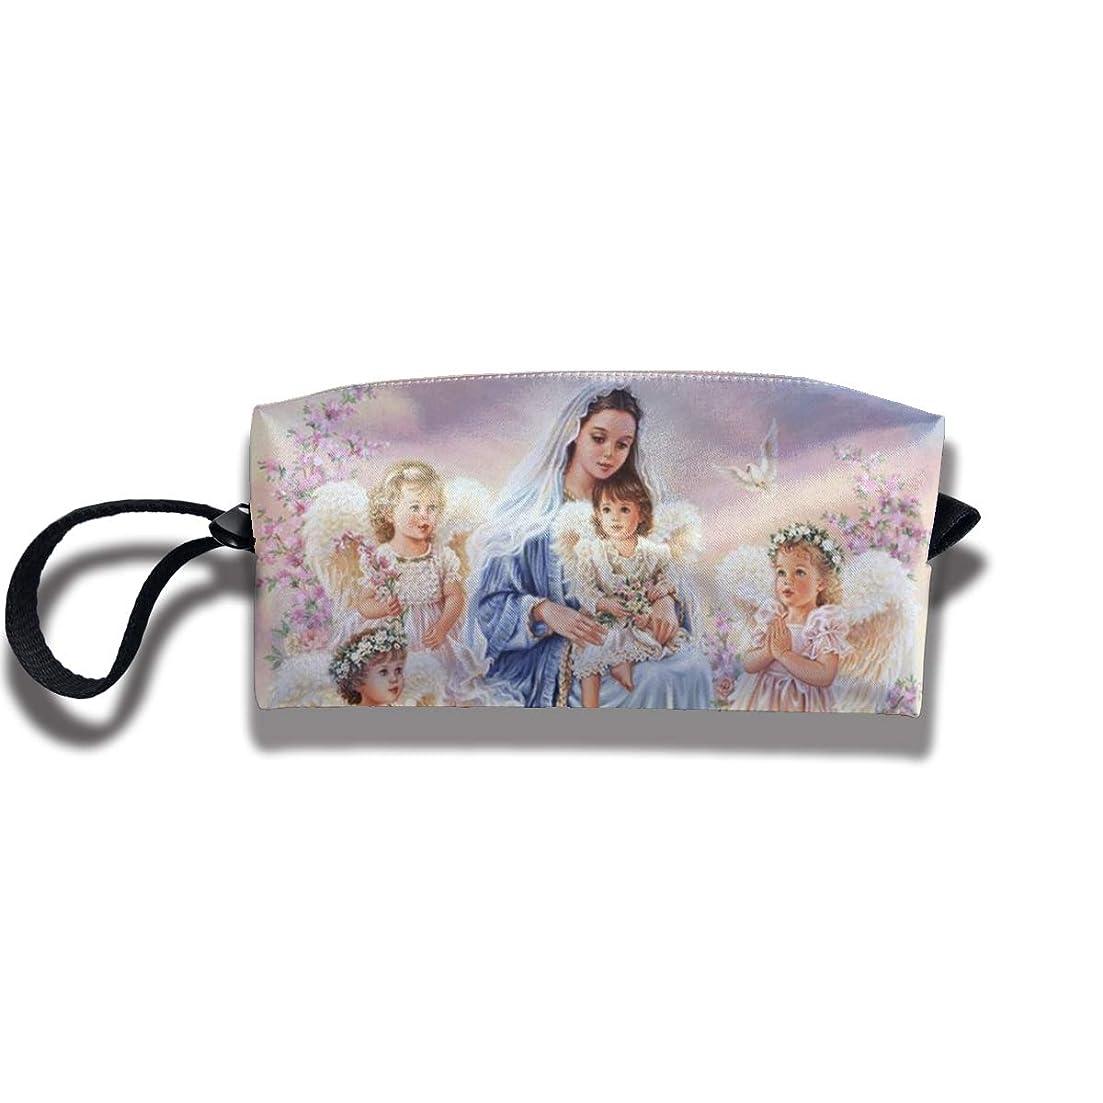 財団港教会聖処女と天使の赤ちゃん ペンケース文房具バッグ大容量ペンケース化粧品袋収納袋男の子と女の子多機能浴室シャワーバッグ旅行ポータブルストレージバッグ